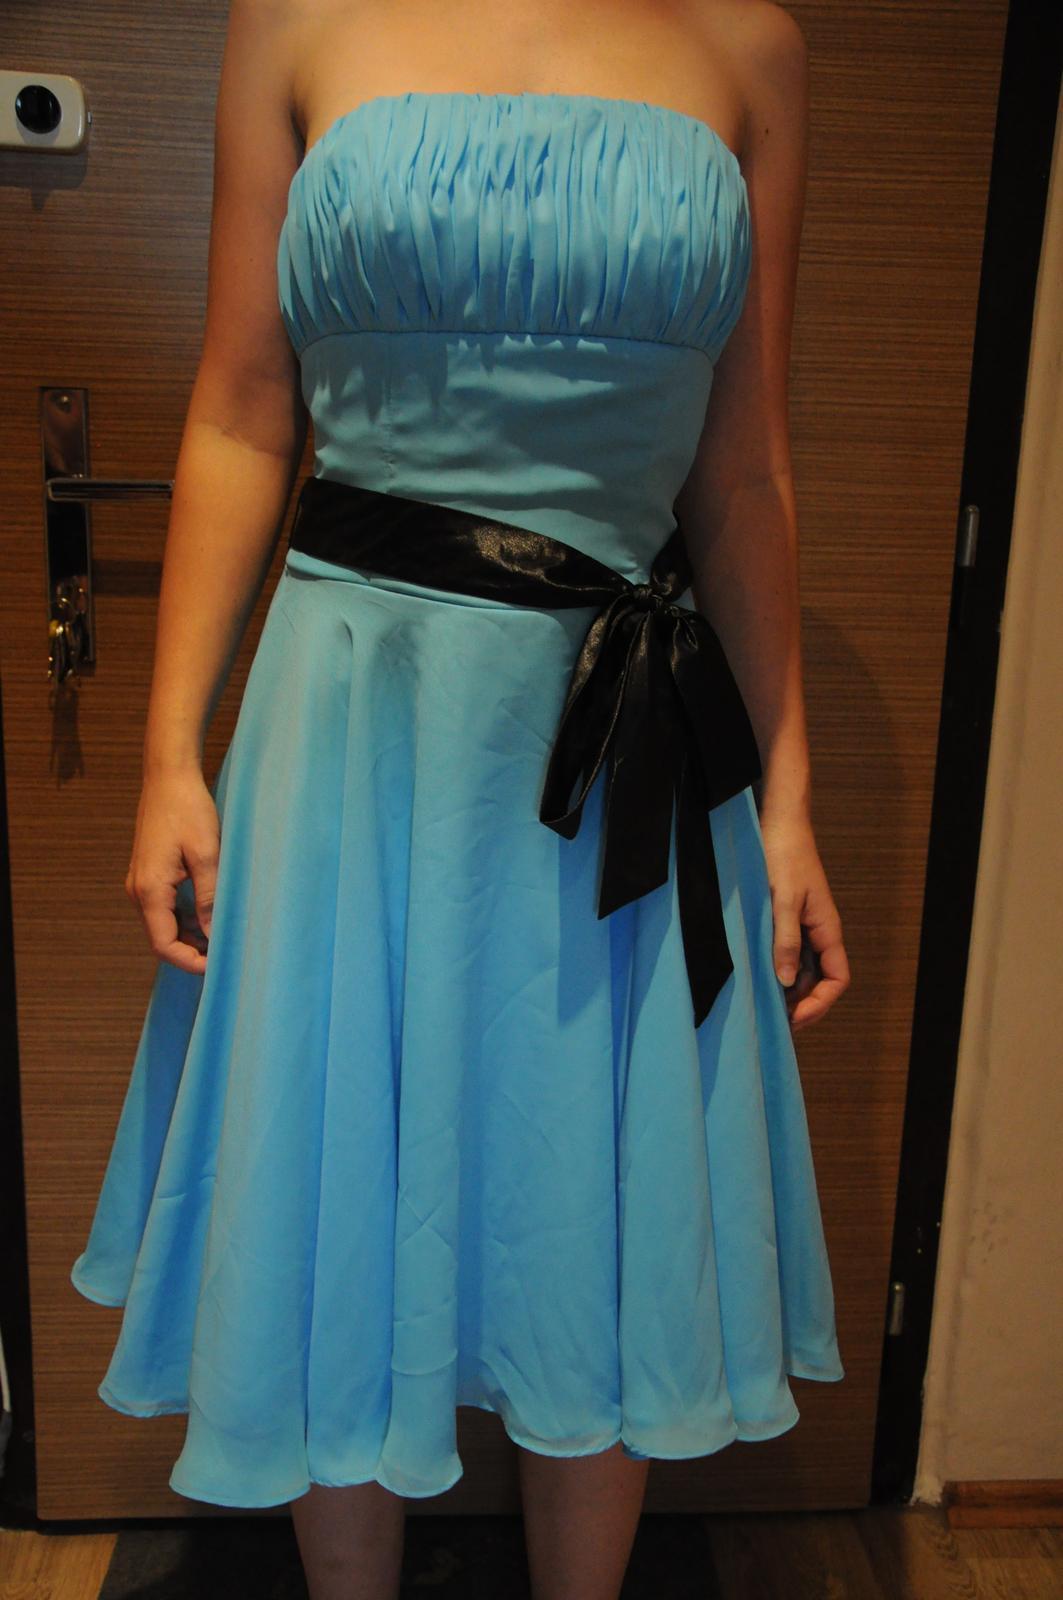 d96fe8c2894 Modré popůlnoční společenské šaty vel.s